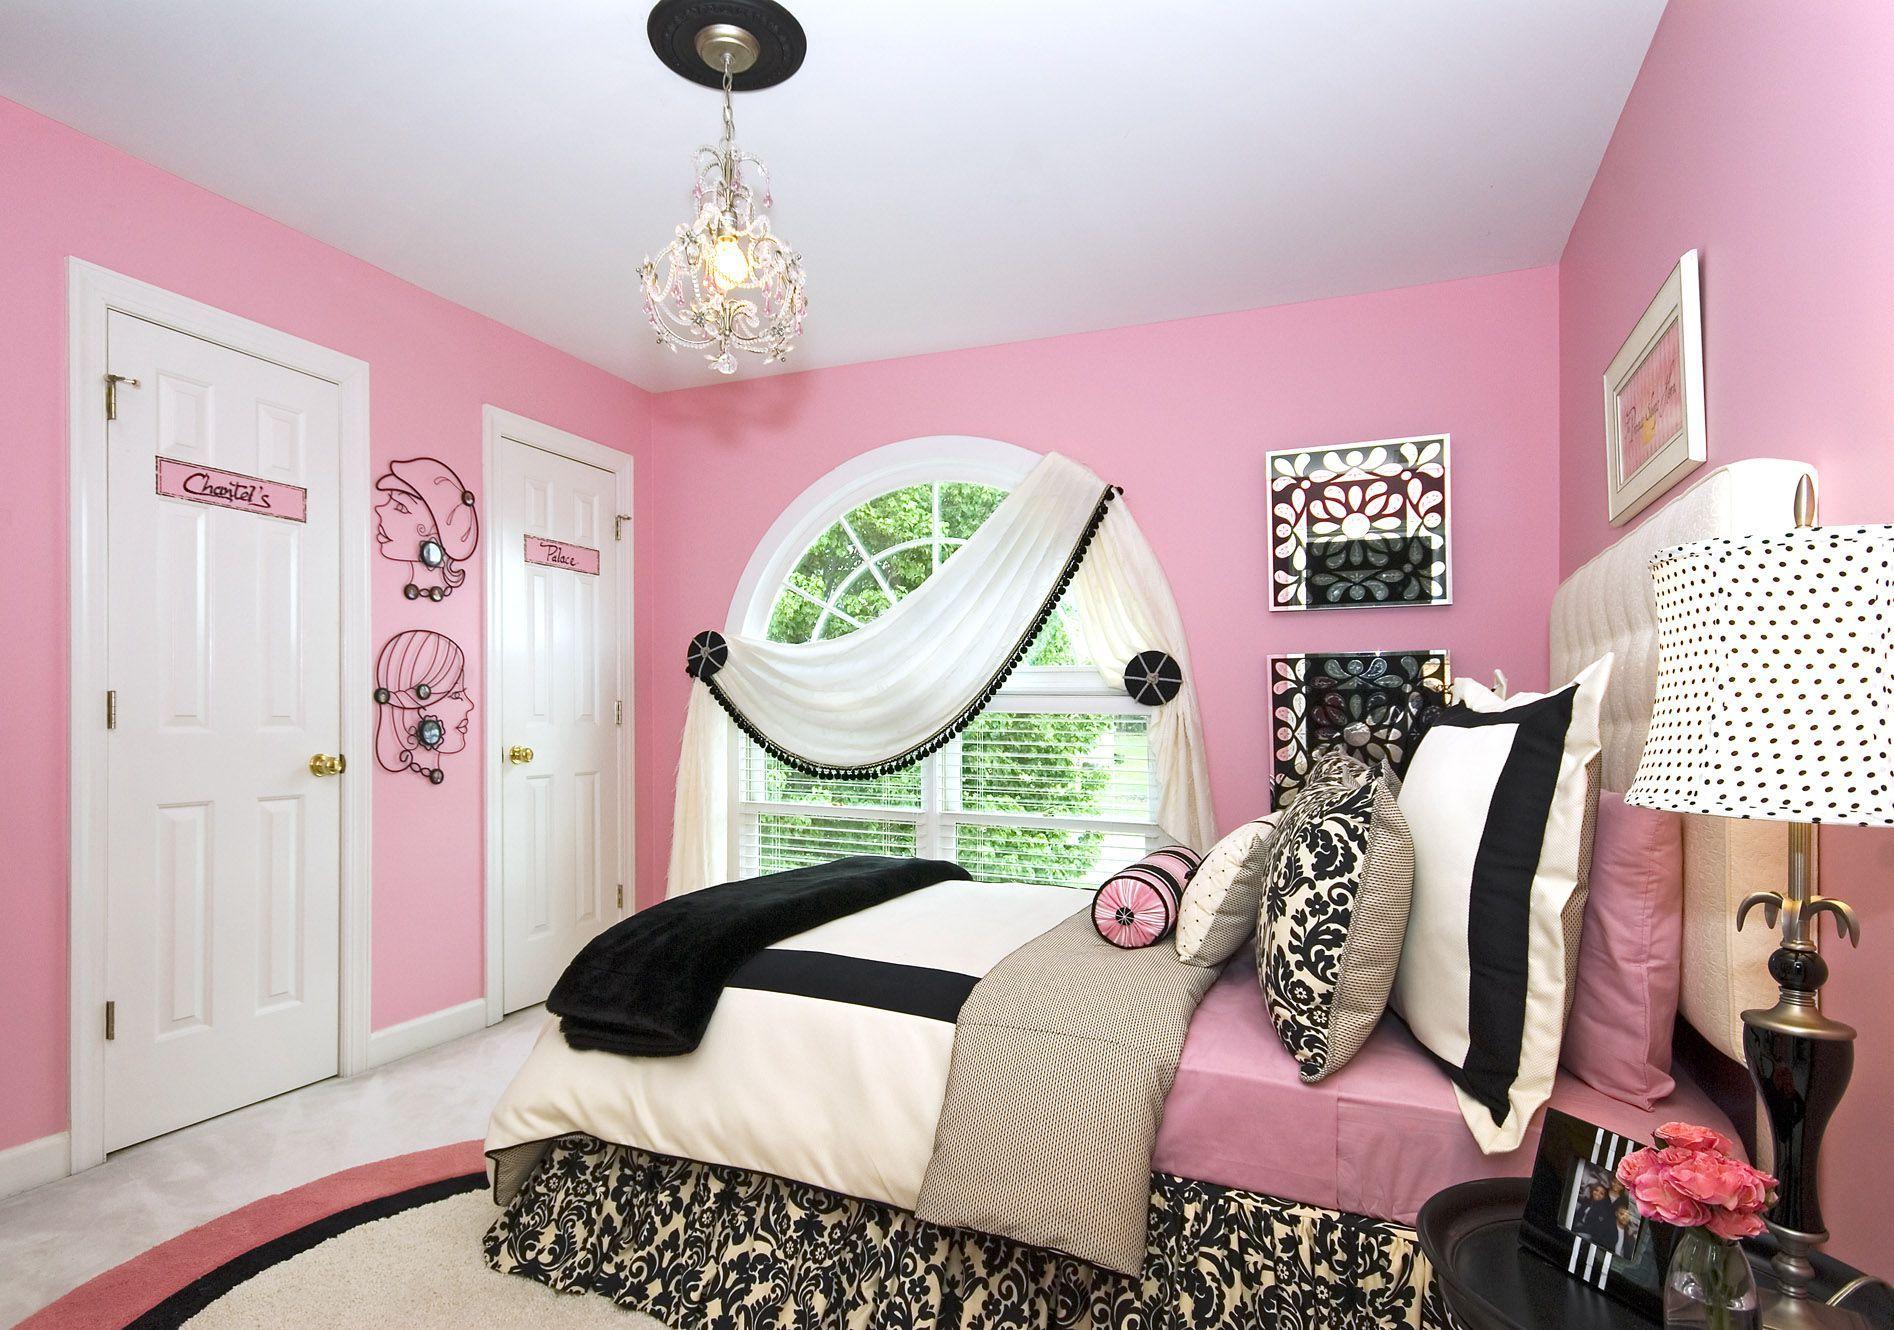 simple design tips for girls' bedrooms - https://midcityeast